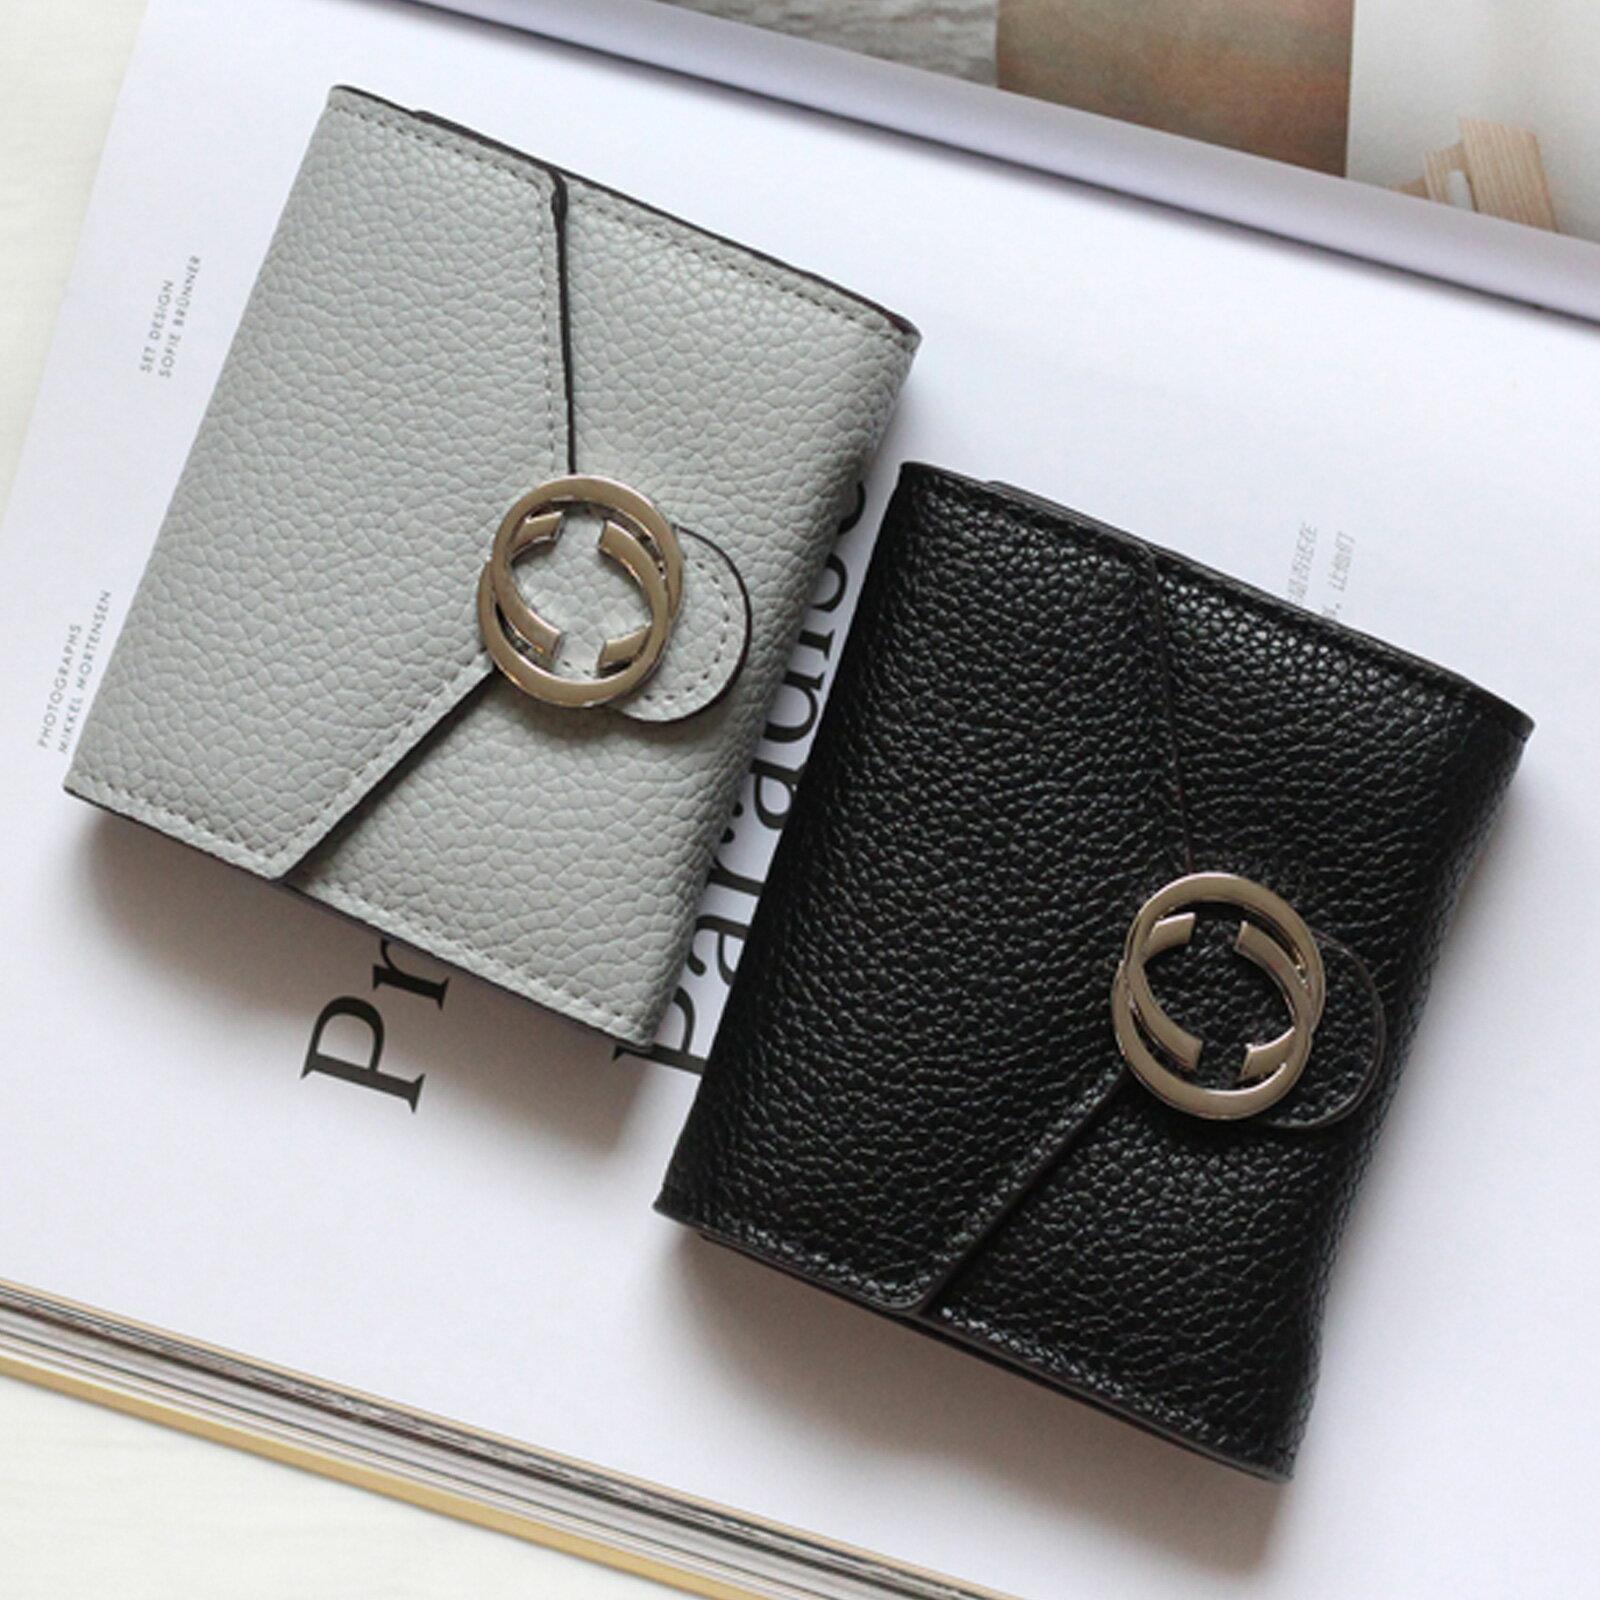 皮夾 錢包 名品質感金屬雙C短夾【O3220】☆雙兒網☆ 1